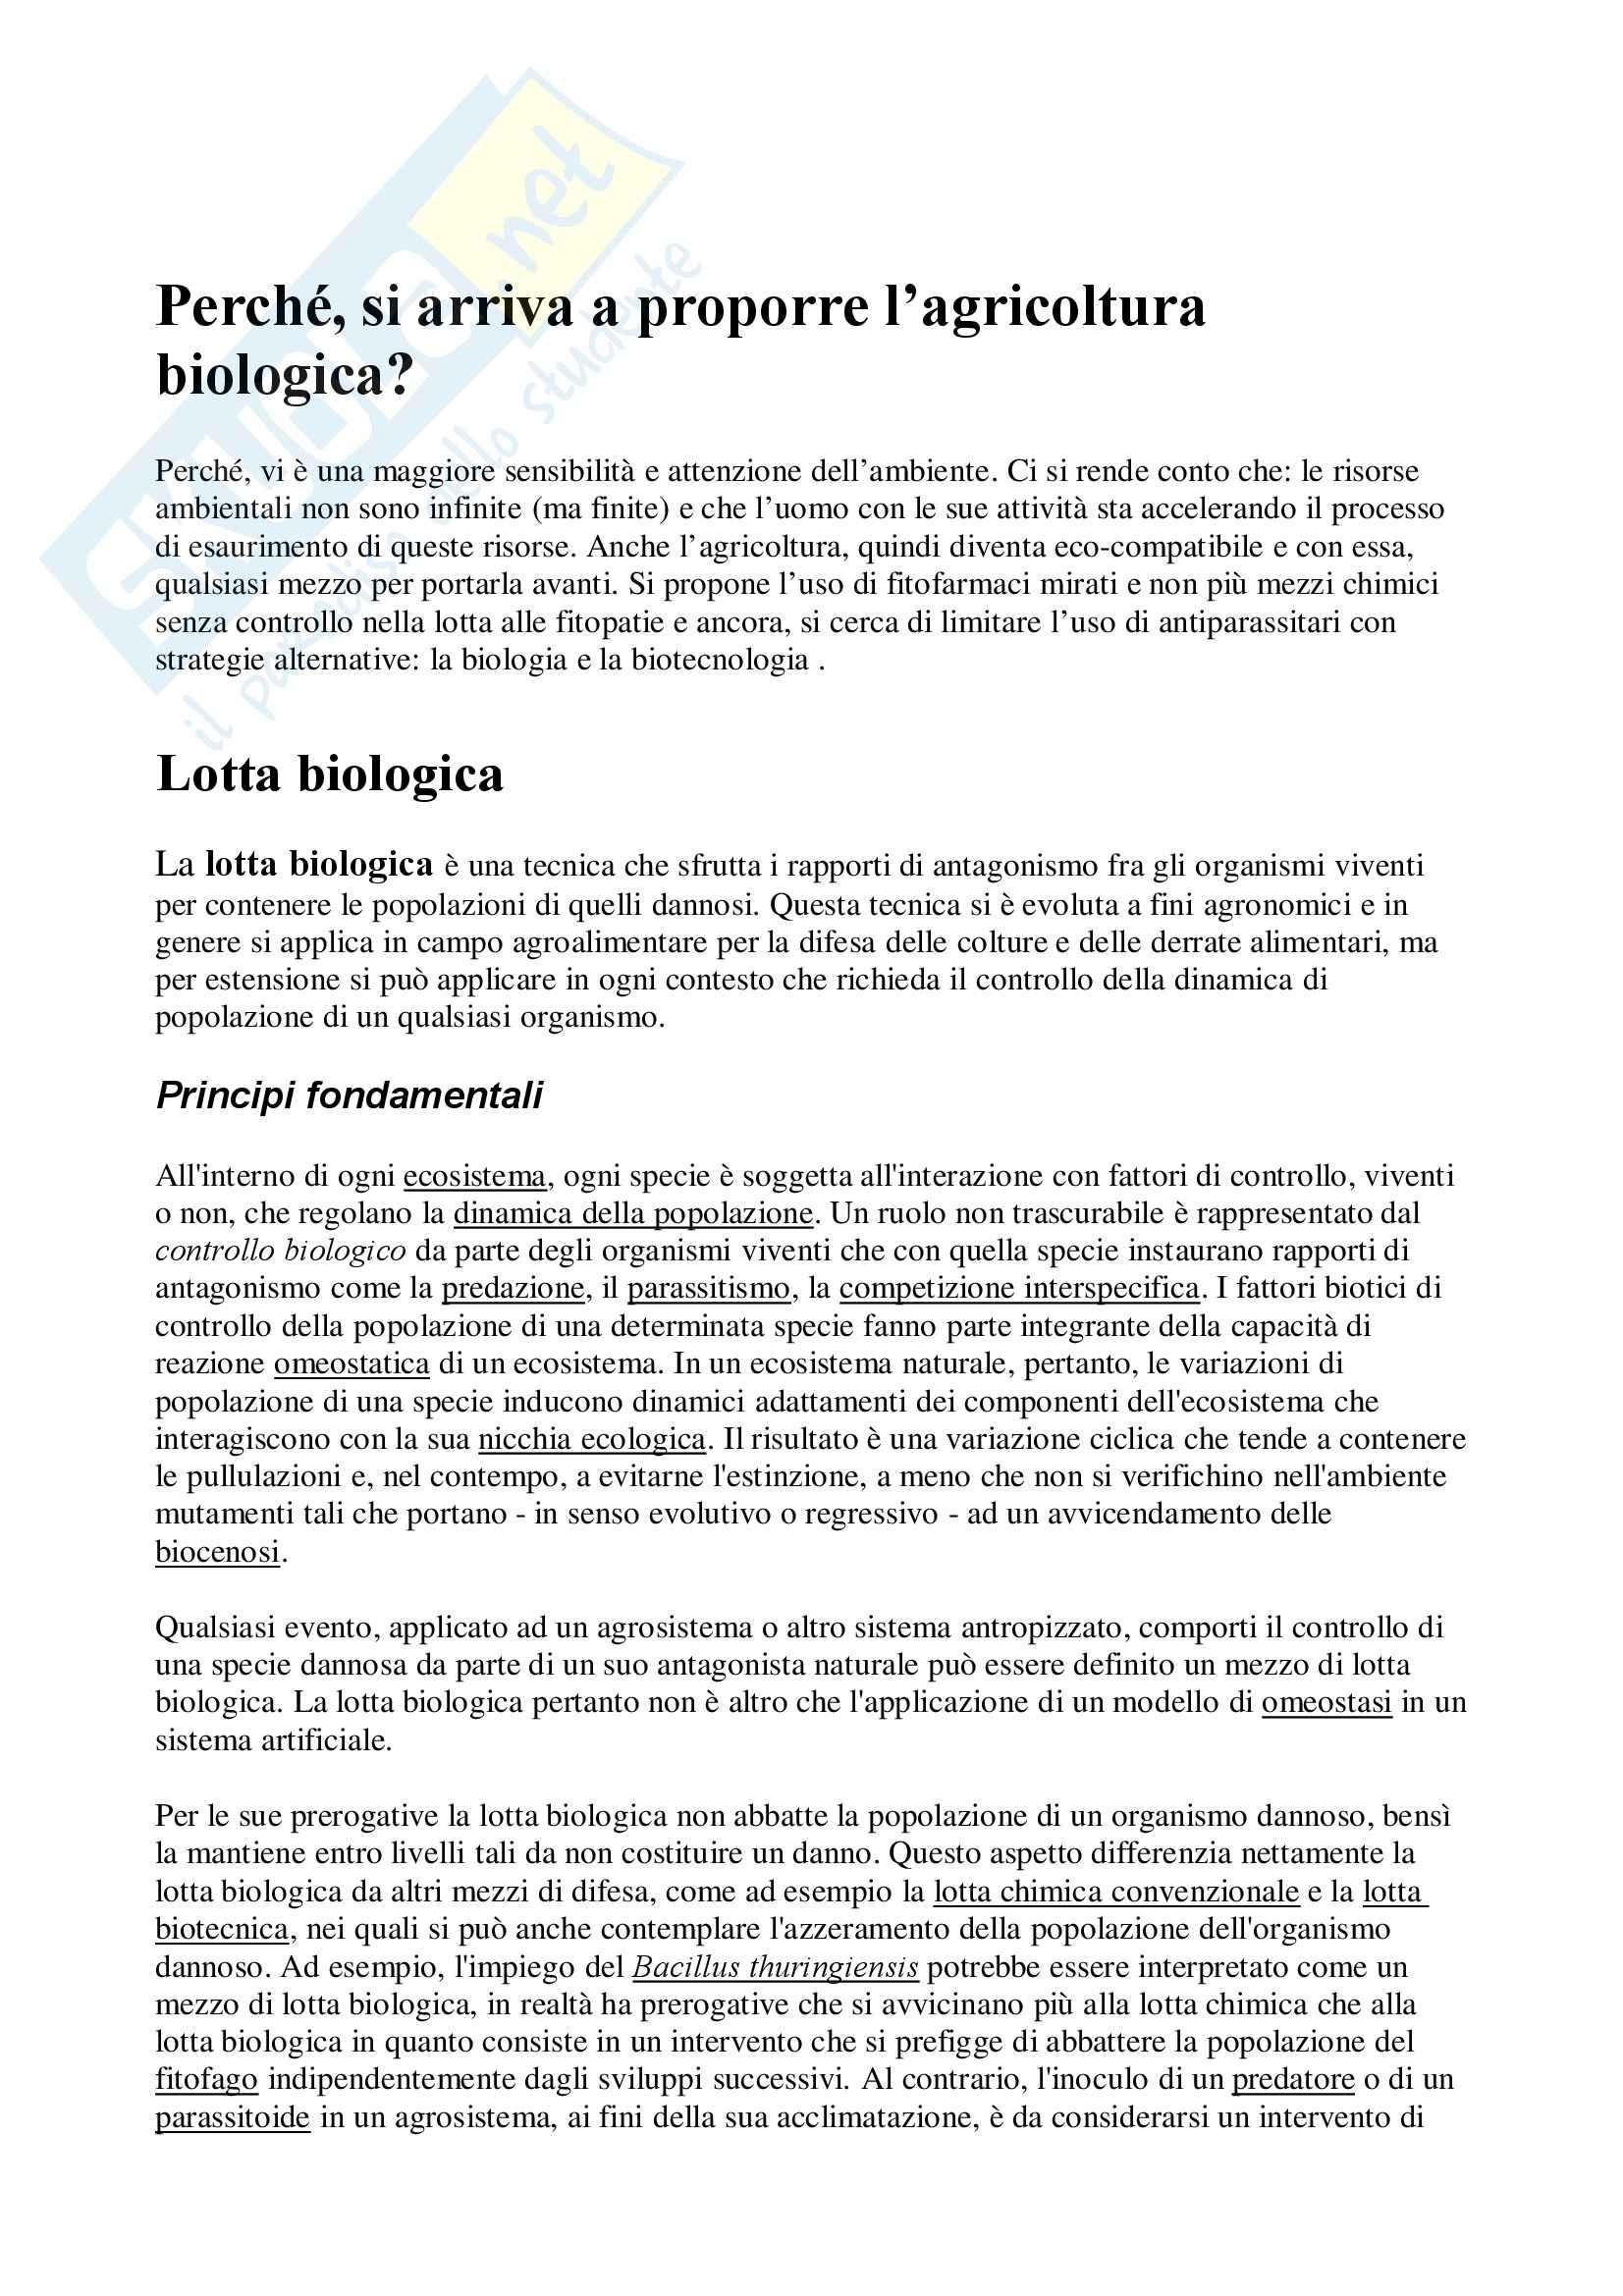 Ecologia - lotta biologica - Appunti